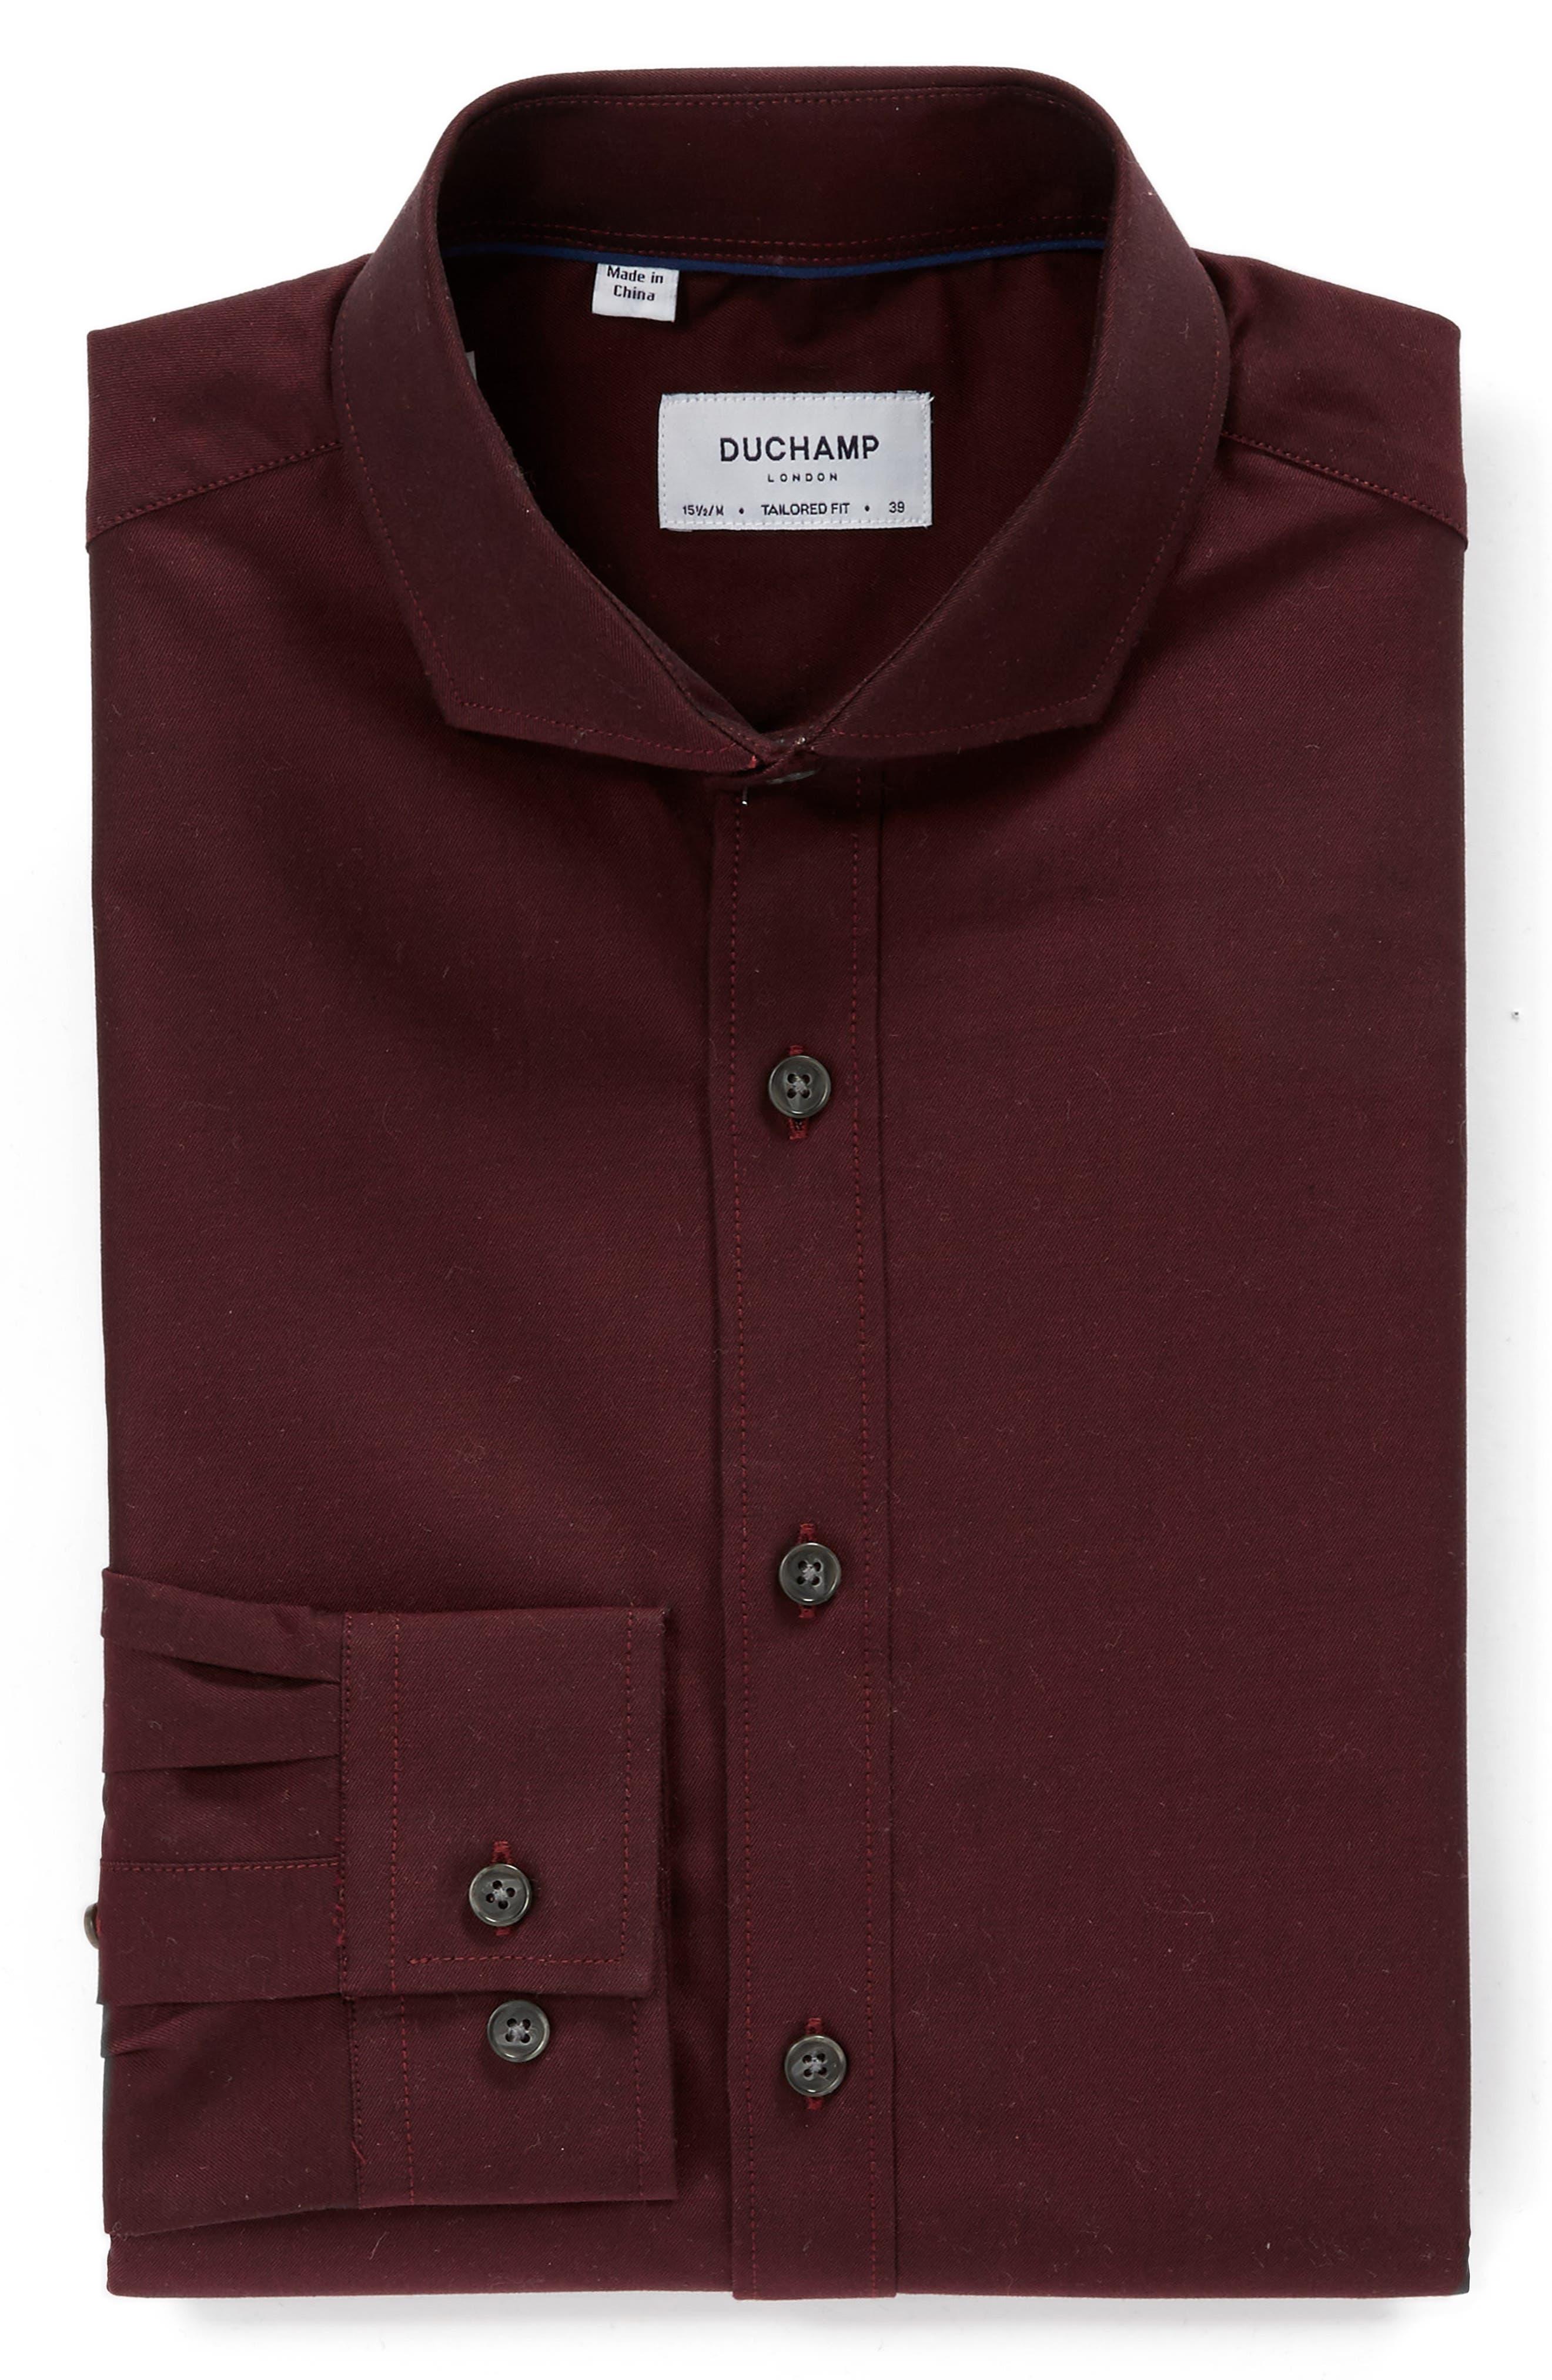 DUCHAMP,                             Trim Fit Solid Dress Shirt,                             Alternate thumbnail 3, color,                             930